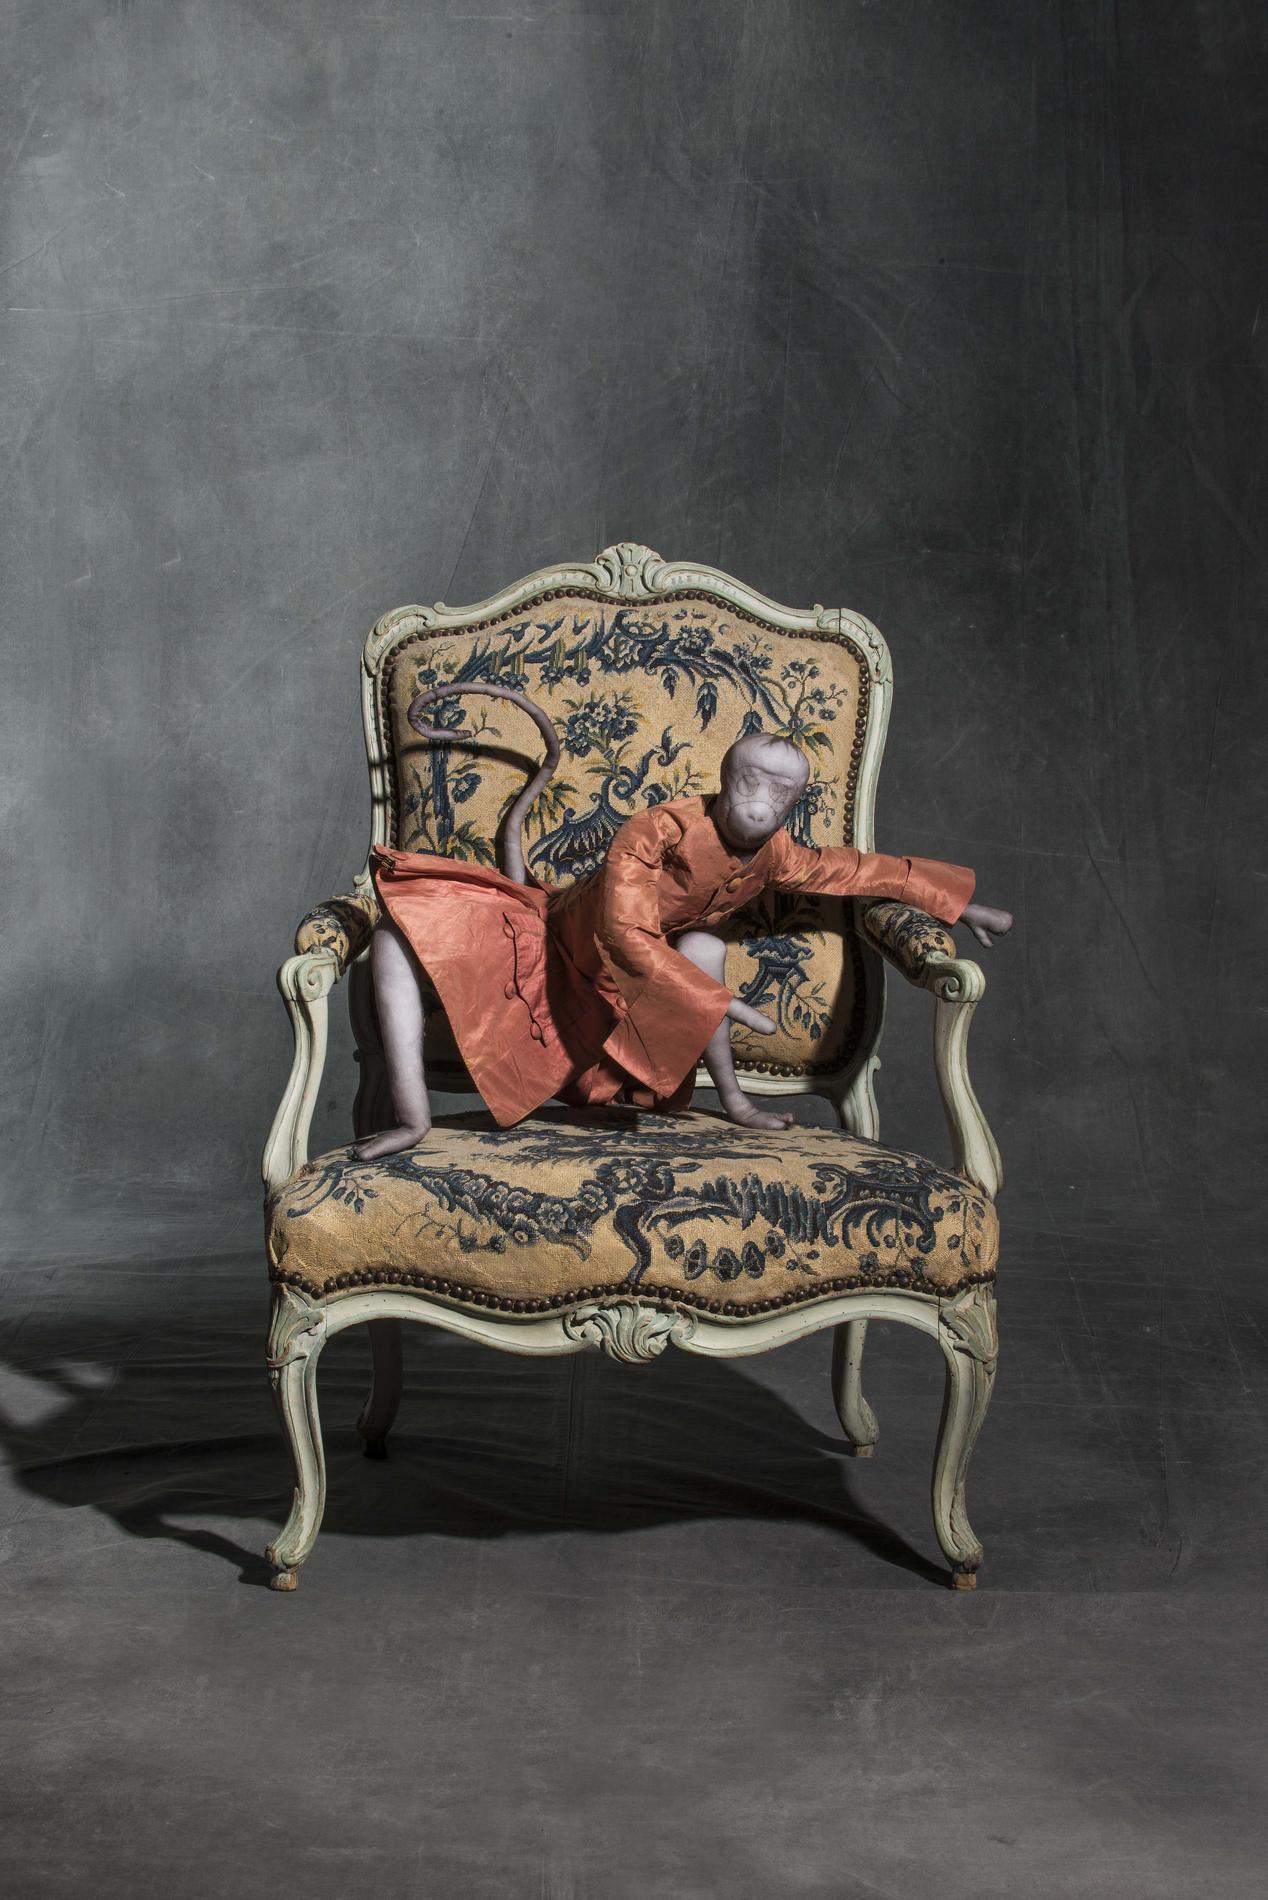 Fashion forward aux arts d co quand la mode claire l 39 histoire madame figaro - Les arts decoratif paris ...